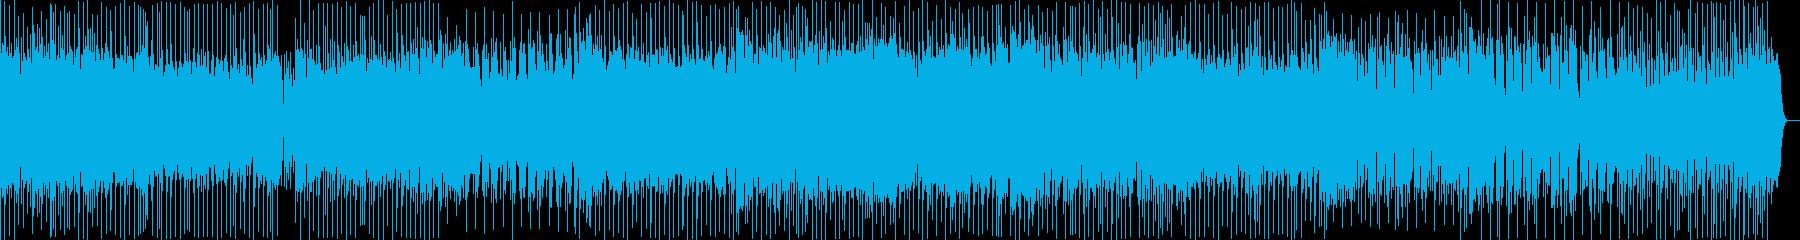 これから何かはじまりそうな軽快なテクノの再生済みの波形